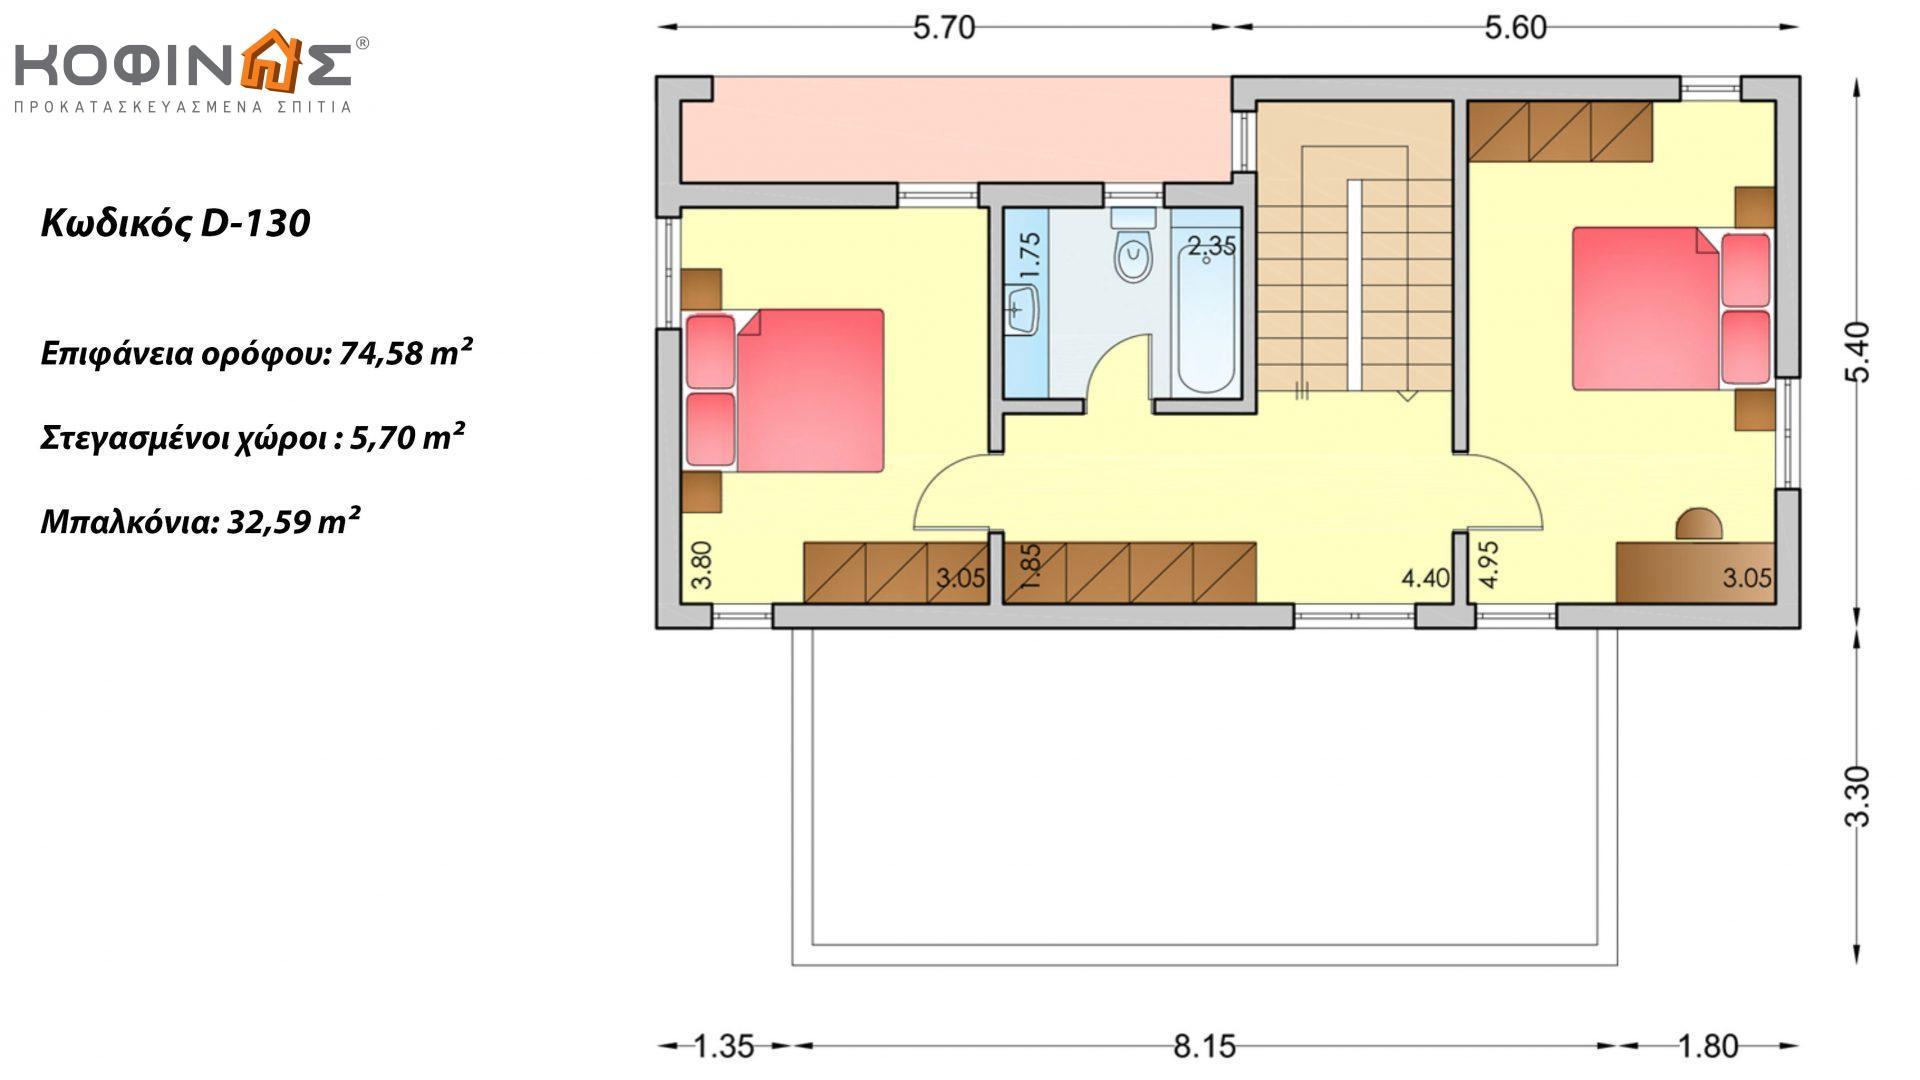 Διώροφη Κατοικία D-130, συνολικής επιφάνειας 130,20 τ.μ., συνολική επιφάνεια στεγασμένων χώρων 16.81 τ.μ., μπαλκόνια 32.59 τ.μ.